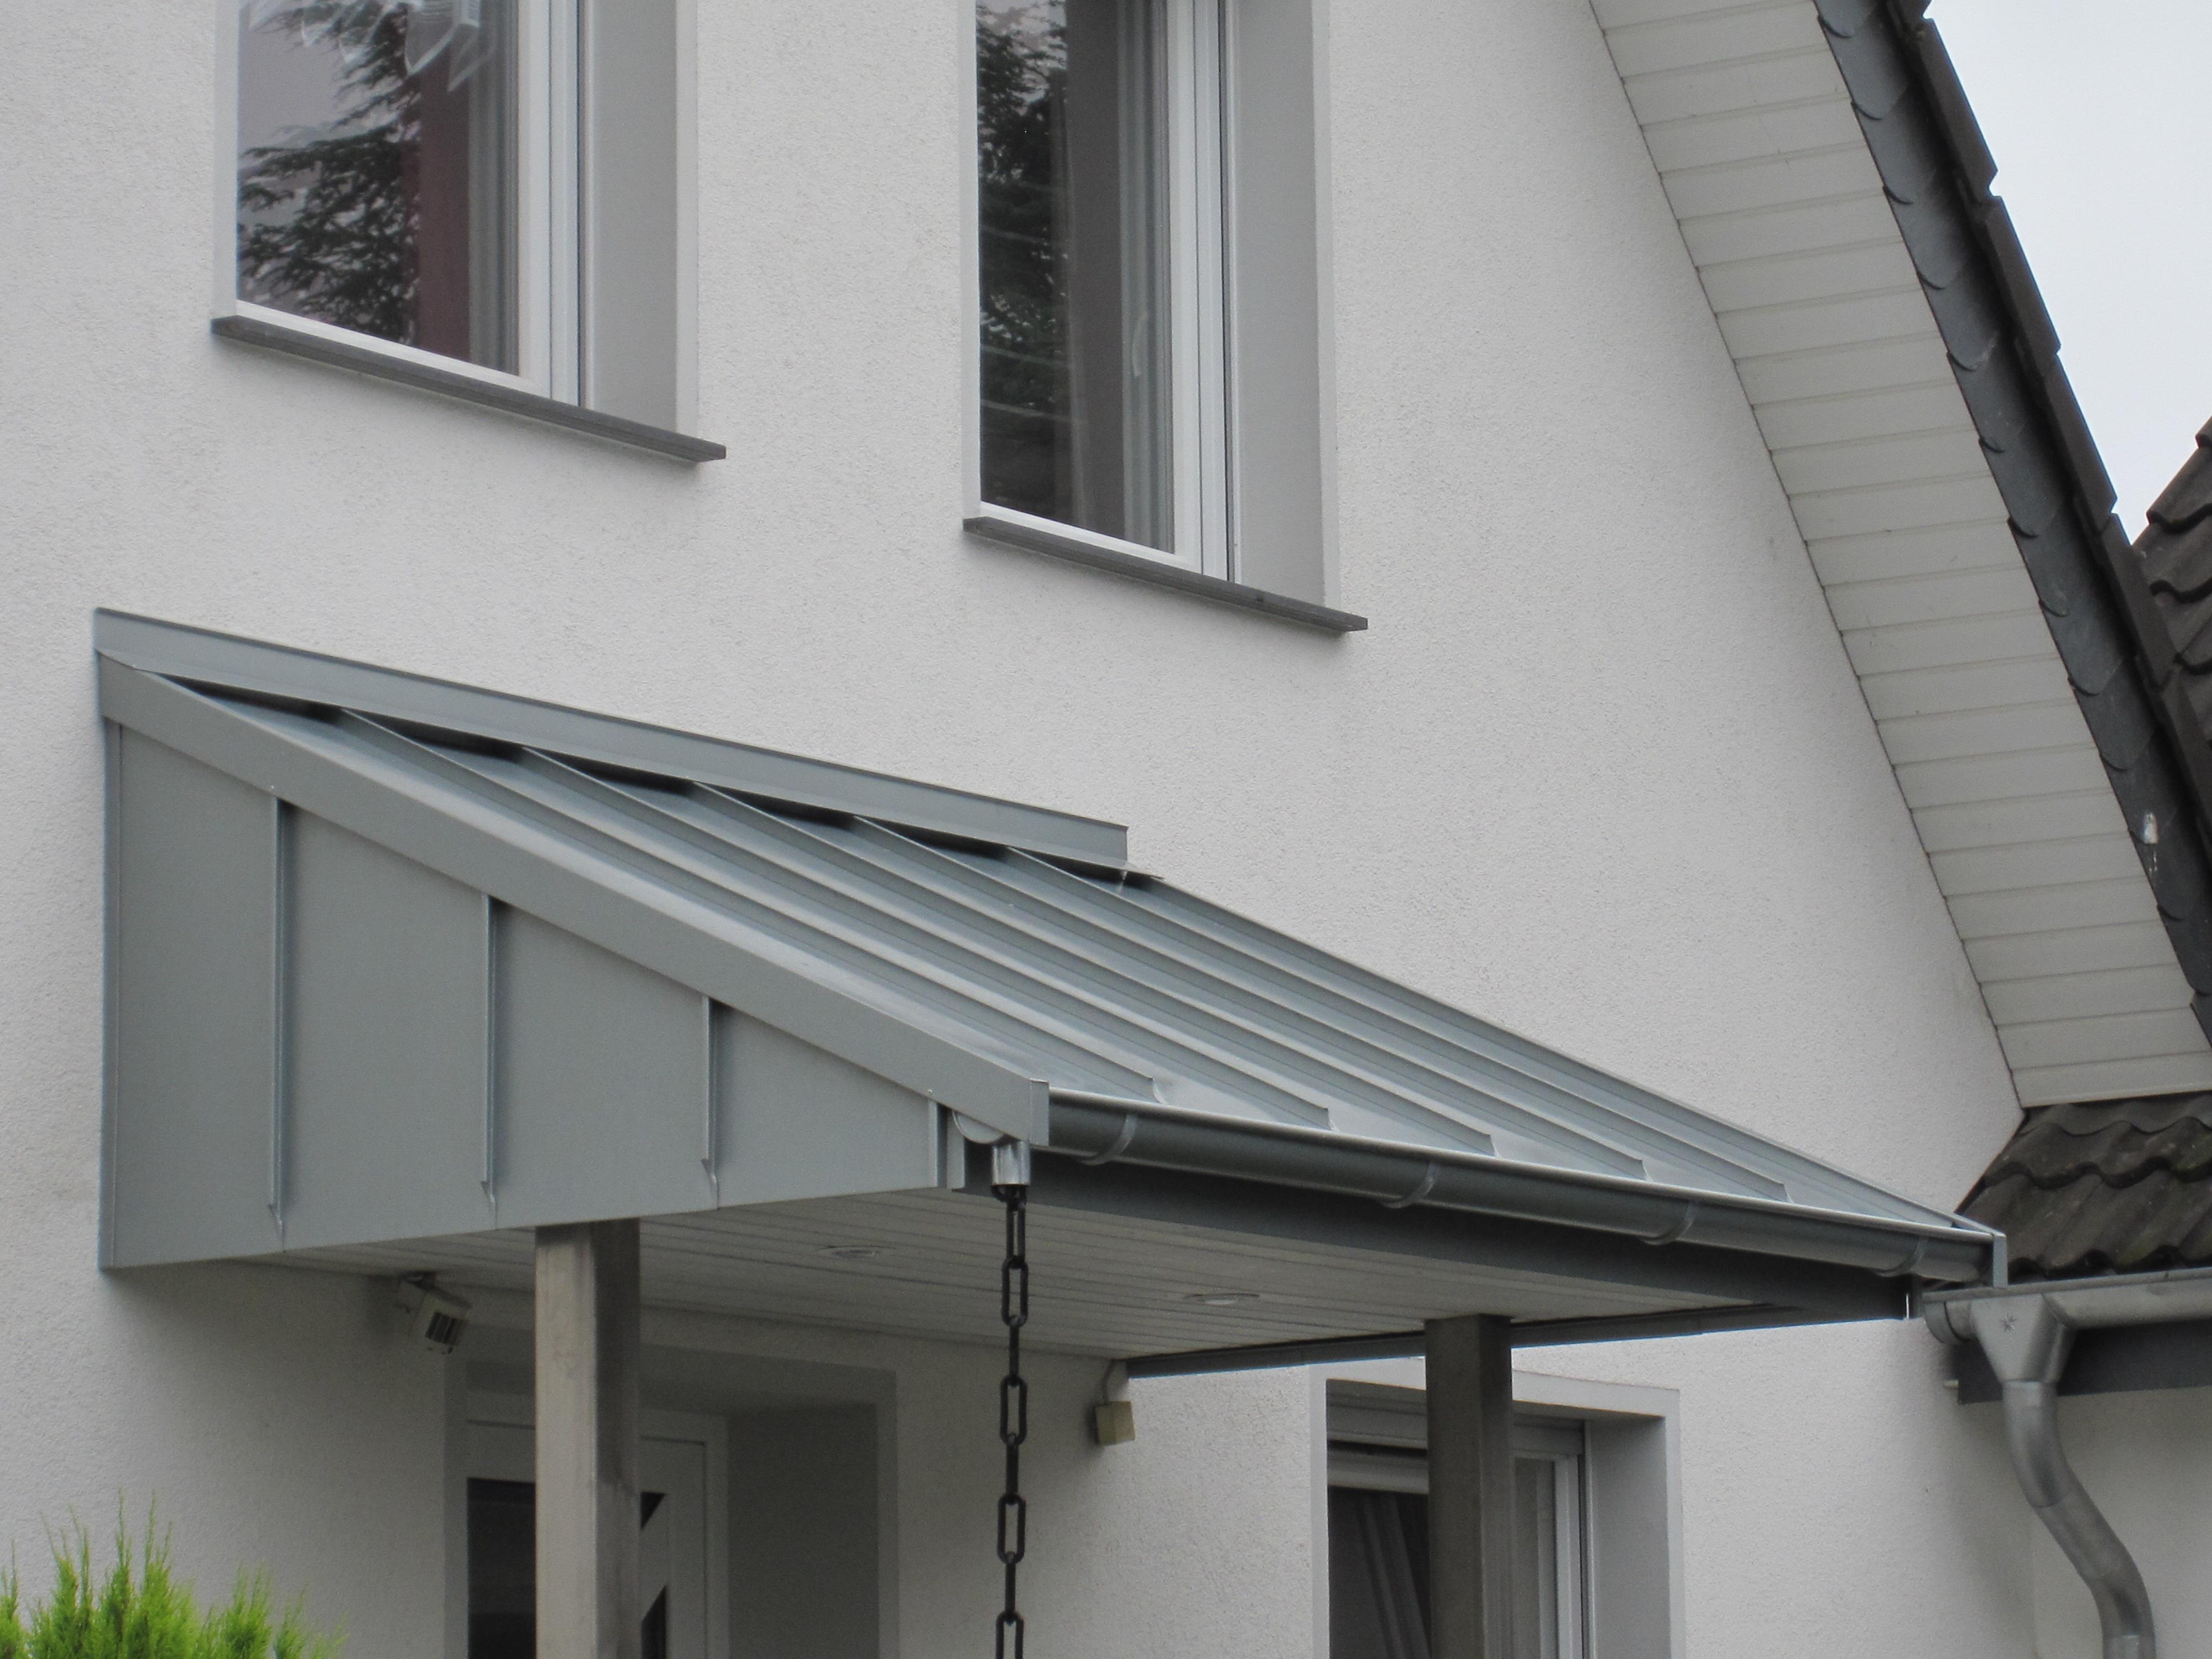 Vordach | Dachtechnik Pohl - Dachdecker in Moers, Duisburg & Umgebung